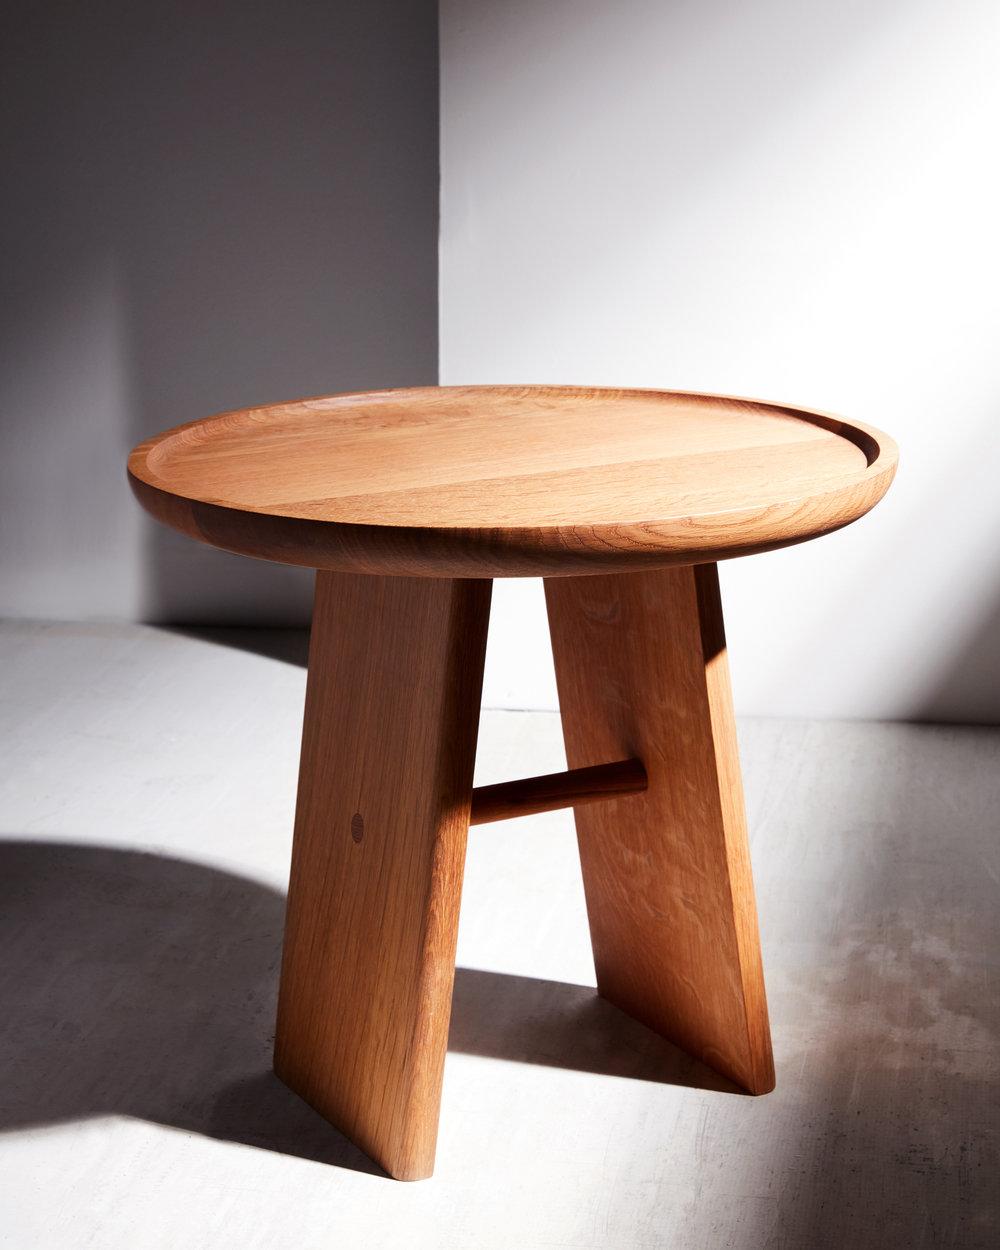 Slant+table_prime.jpg